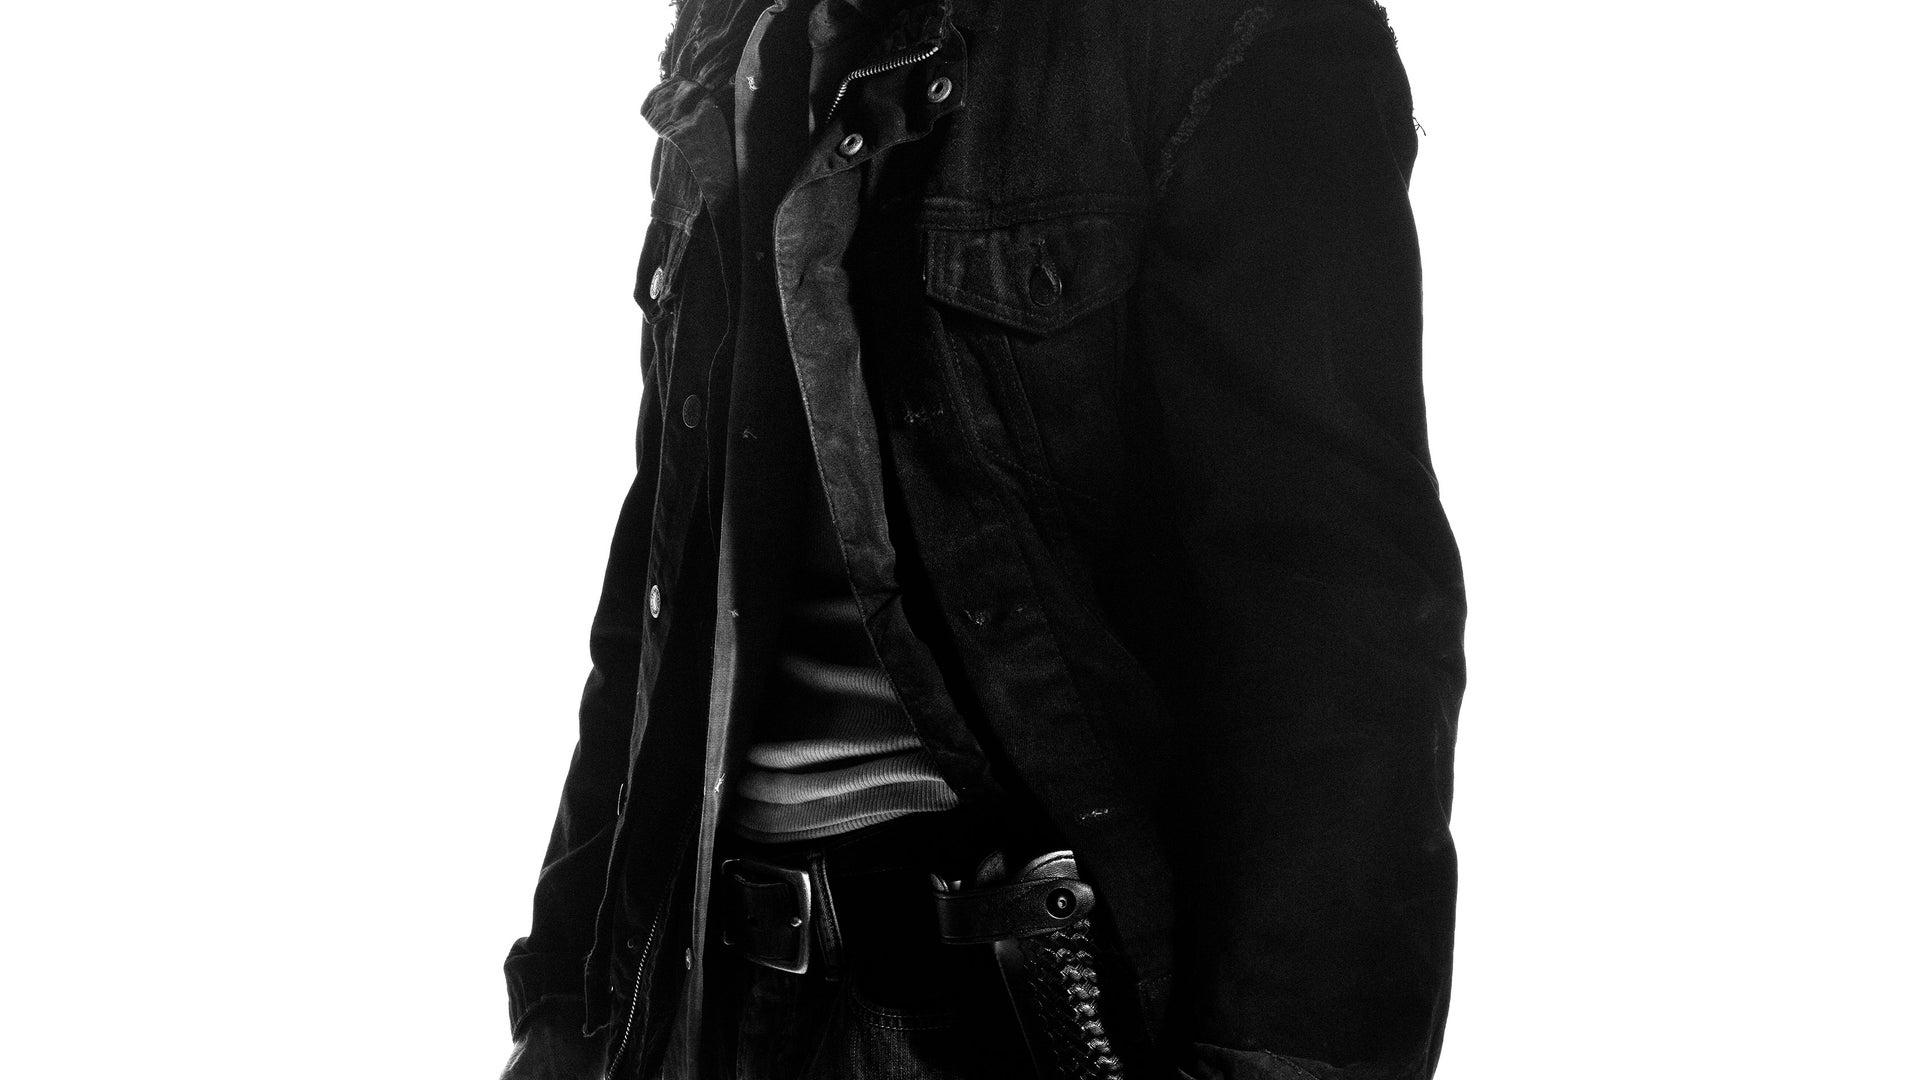 Austin Amelio as Dwight - The Walking Dead, Season 7